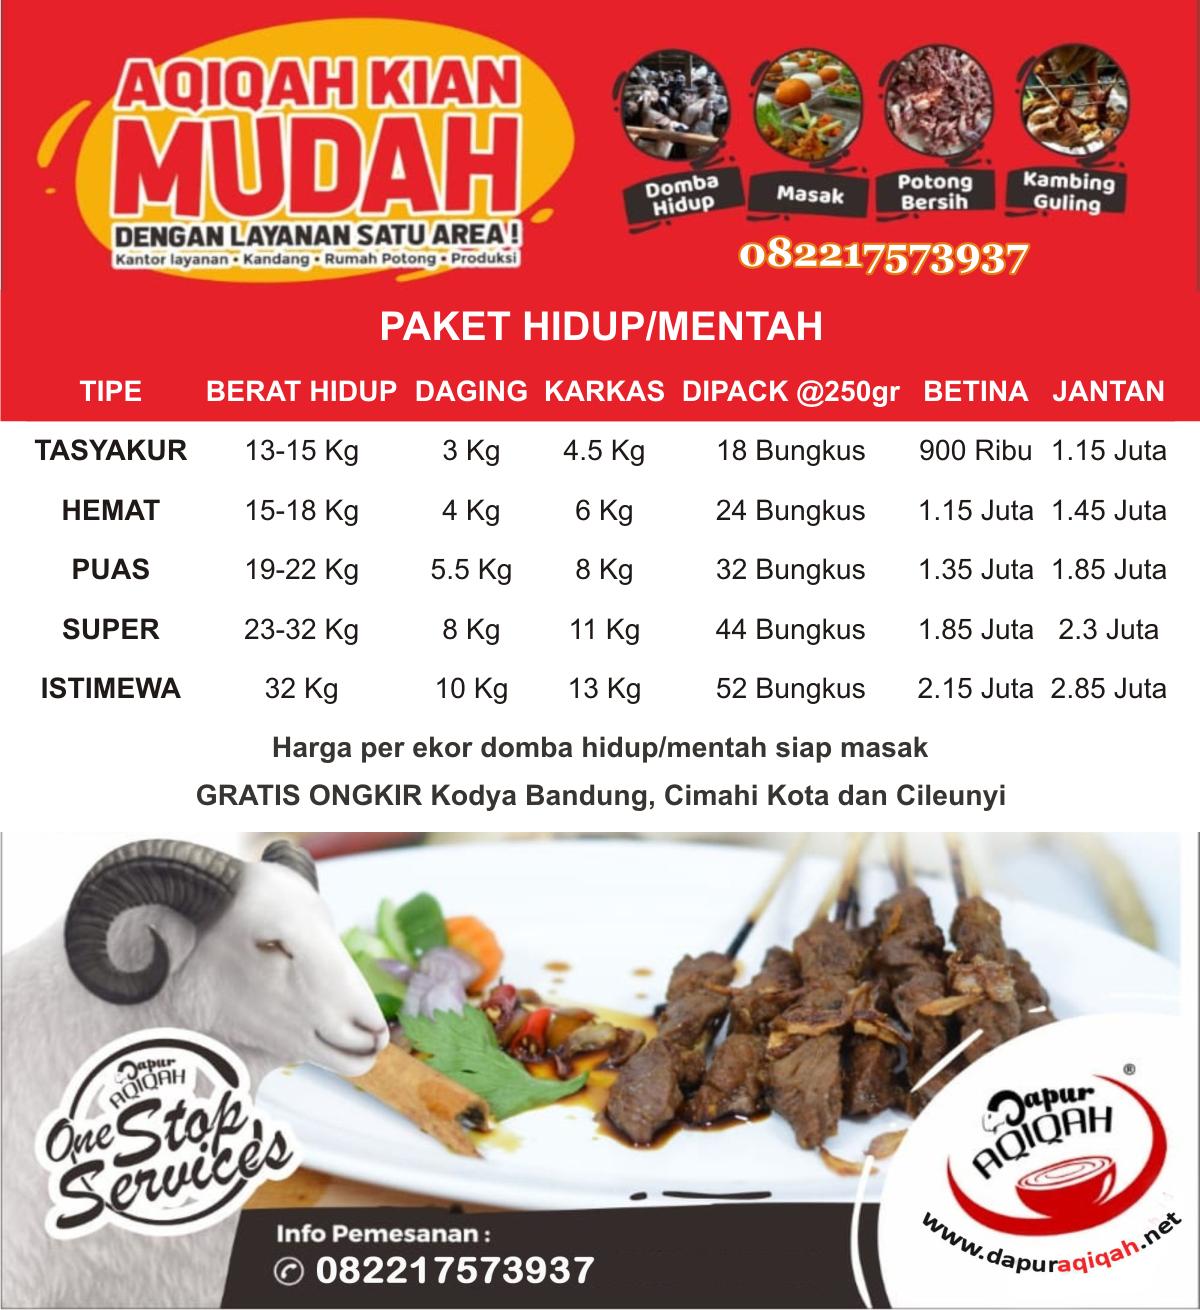 Aqiqah murah di Bandung Cimahi